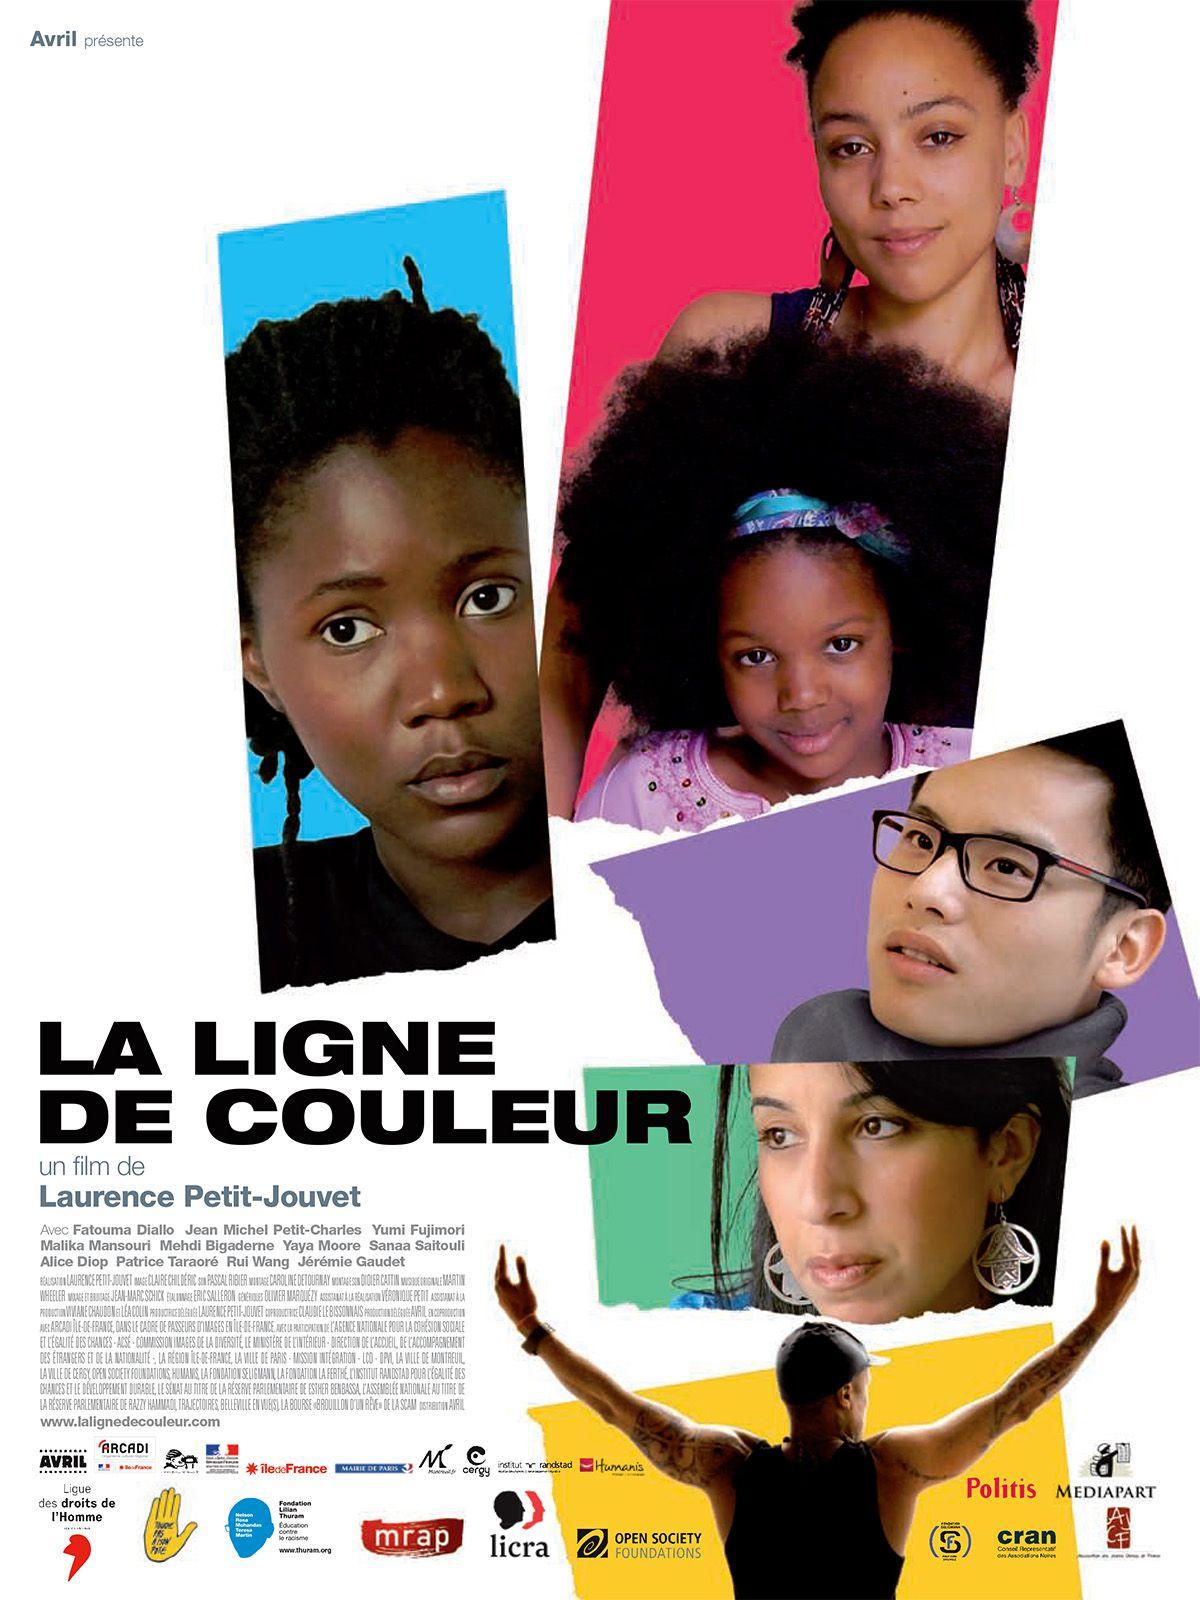 La Ligne de couleur - Documentaire (2015)